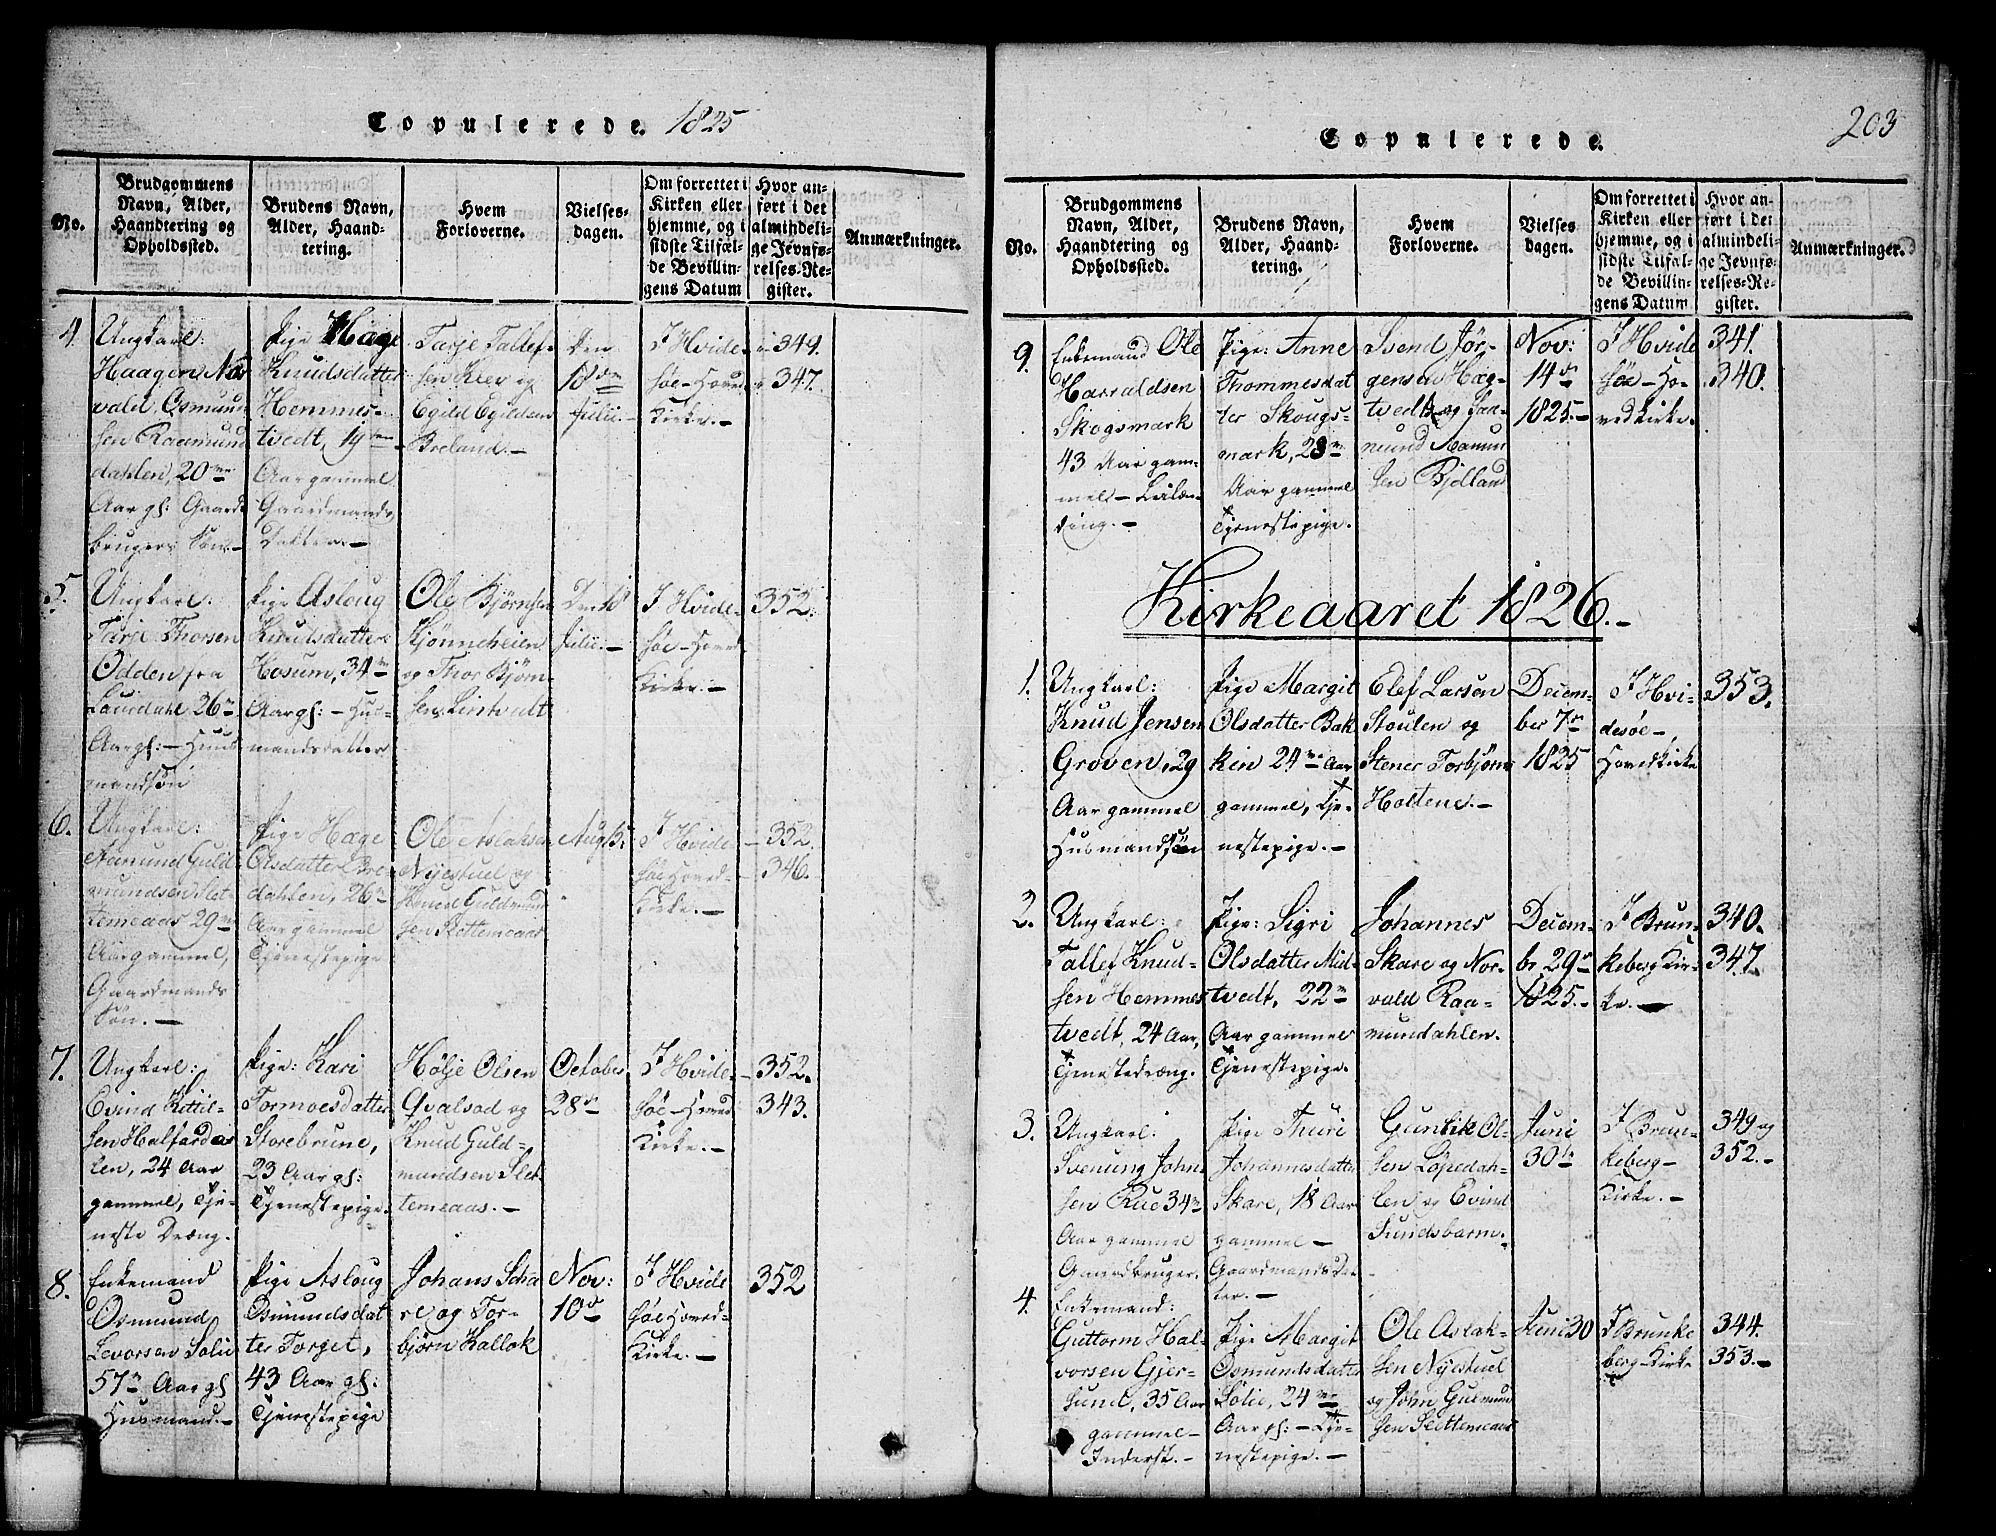 SAKO, Kviteseid kirkebøker, G/Gb/L0001: Klokkerbok nr. II 1, 1815-1842, s. 203